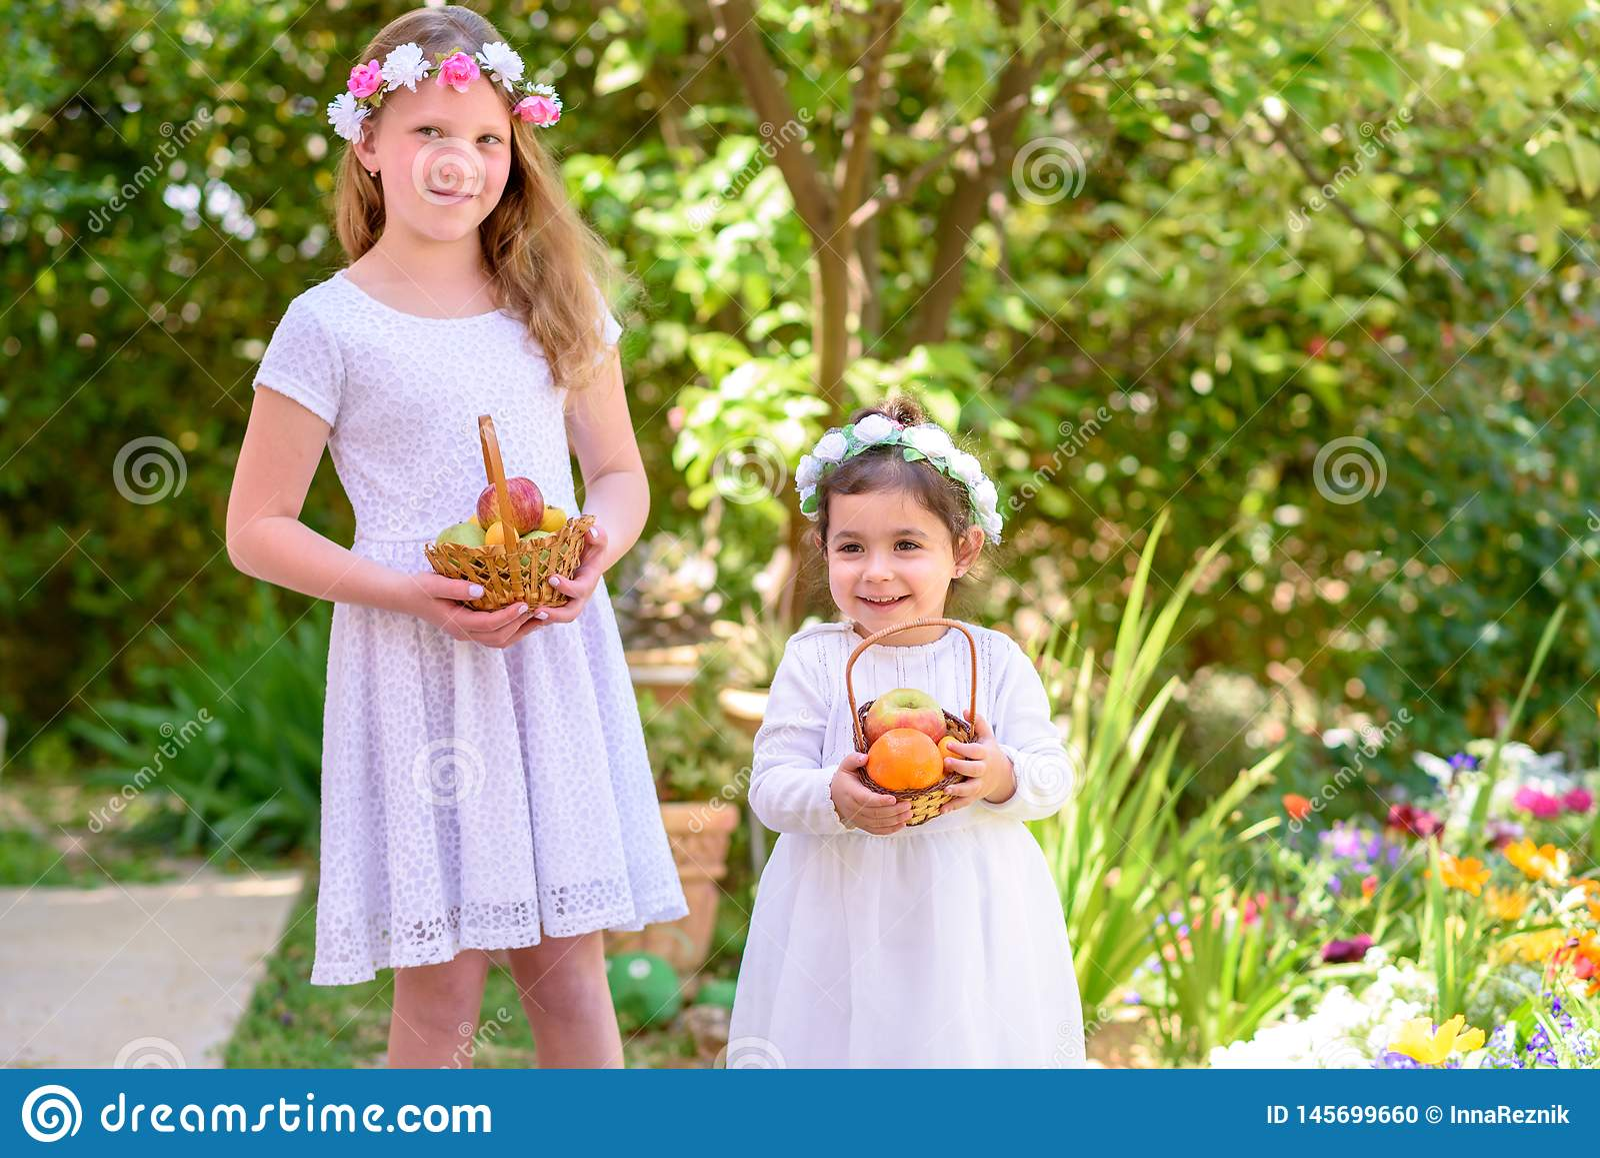 J?discher Feiertag Shavuot Kleine M?dchen HarvestTwo im wei?en Kleid h?lt einen Korb mit frischer Frucht in einem Sommergarten